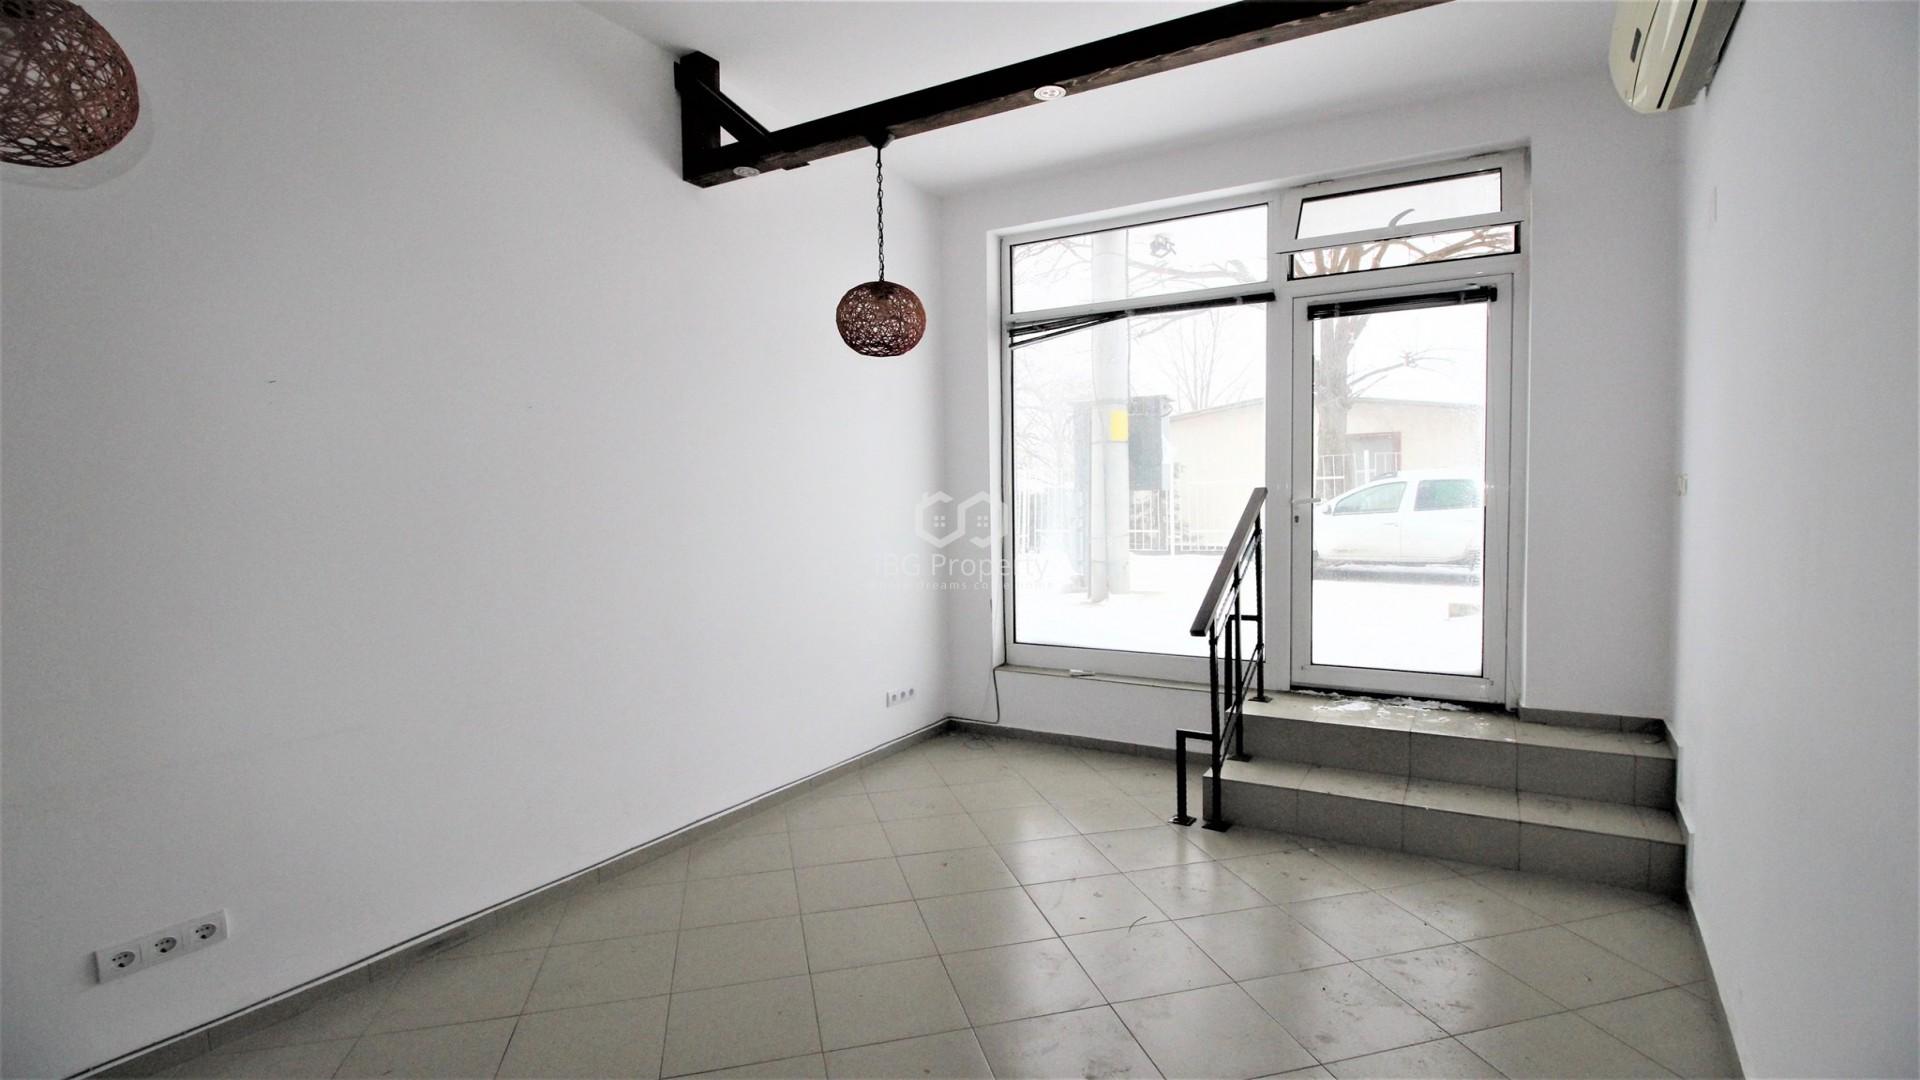 Бизнес недвижимость Сарафово Бургас   31 m2